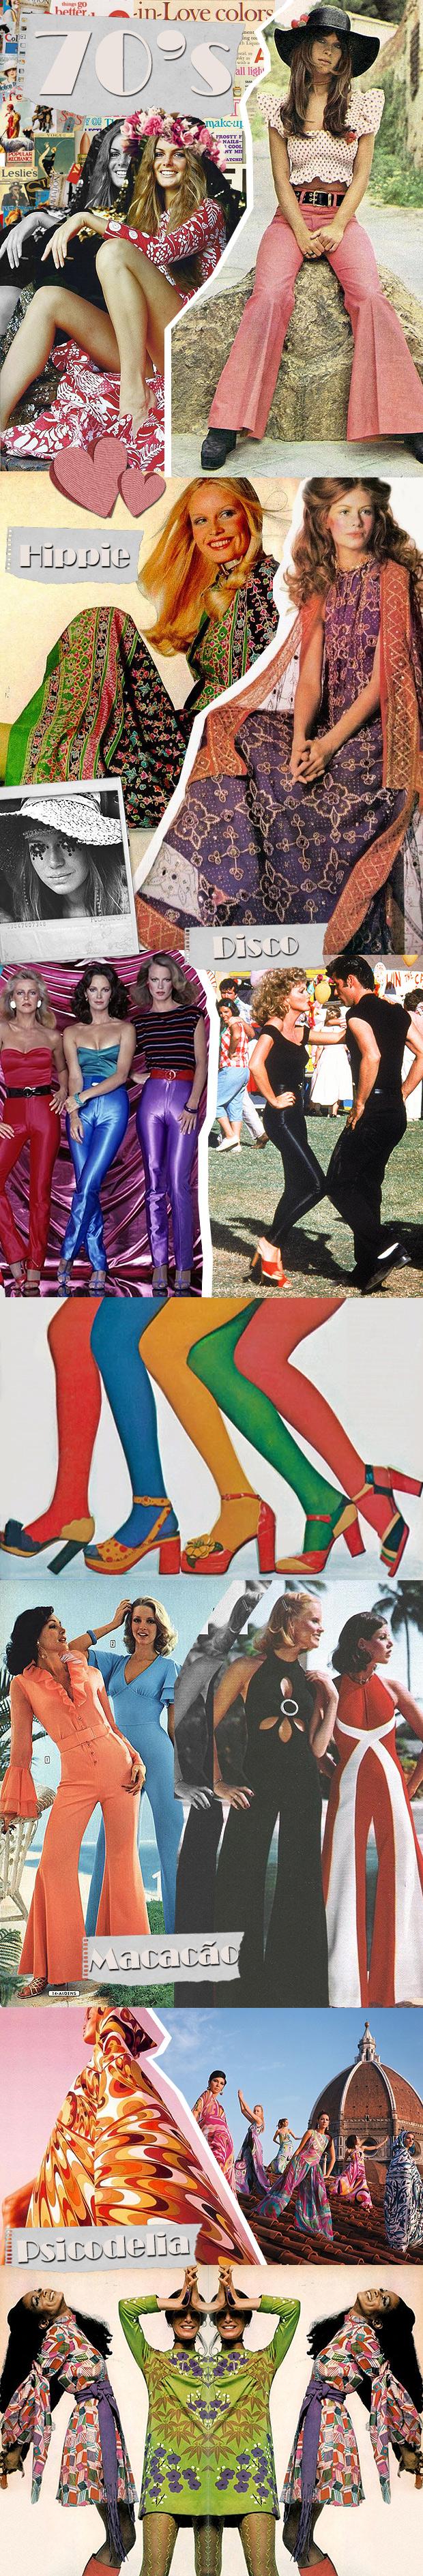 Modas dos anos 70!